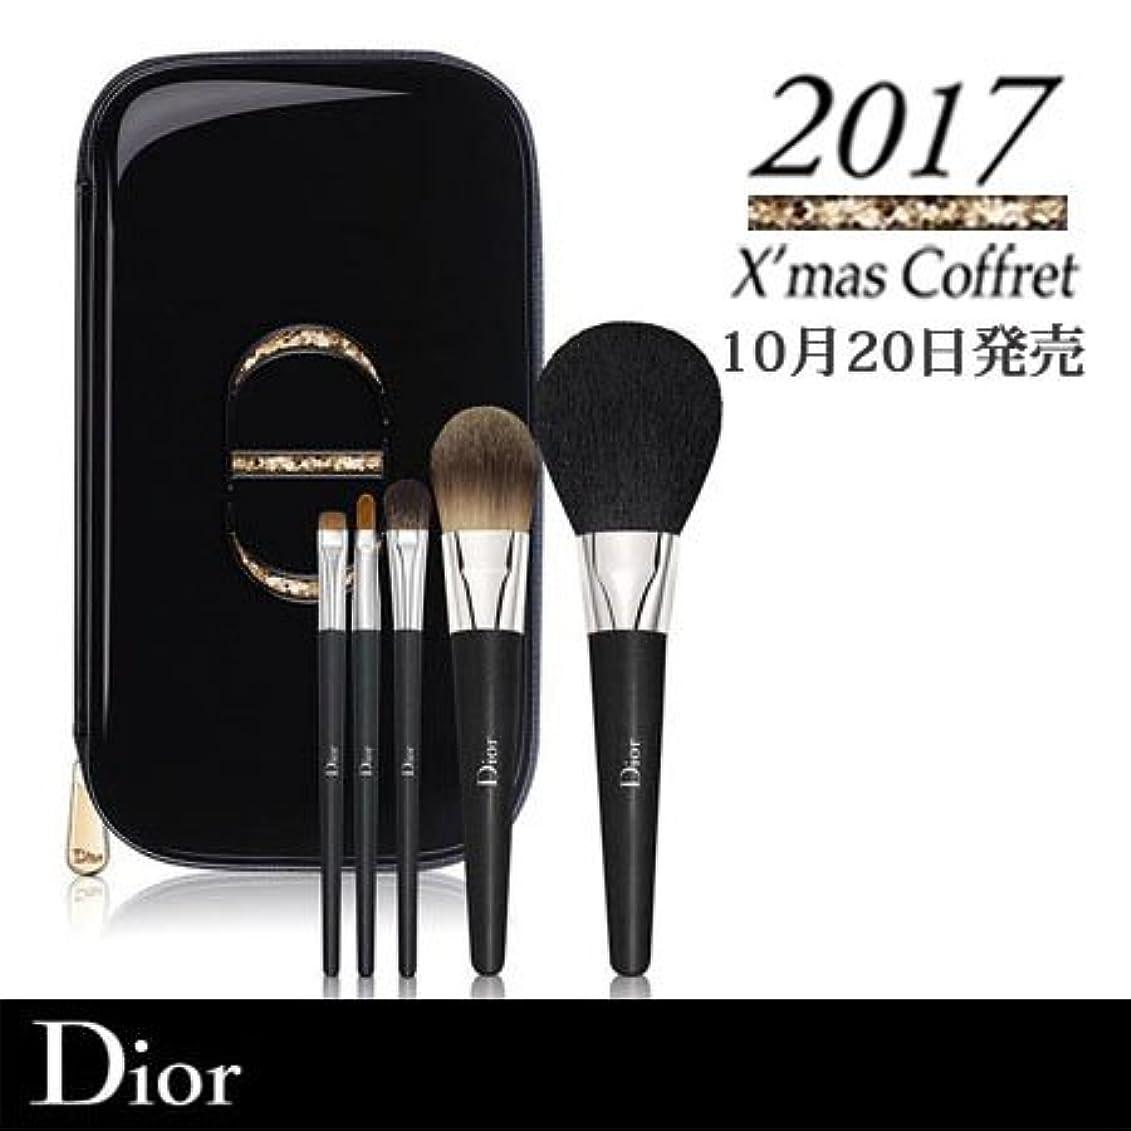 週間接触同様のクリスチャン ディオール カラー クチュール ブラシ セット 2017 クリスマス コフレ Dior